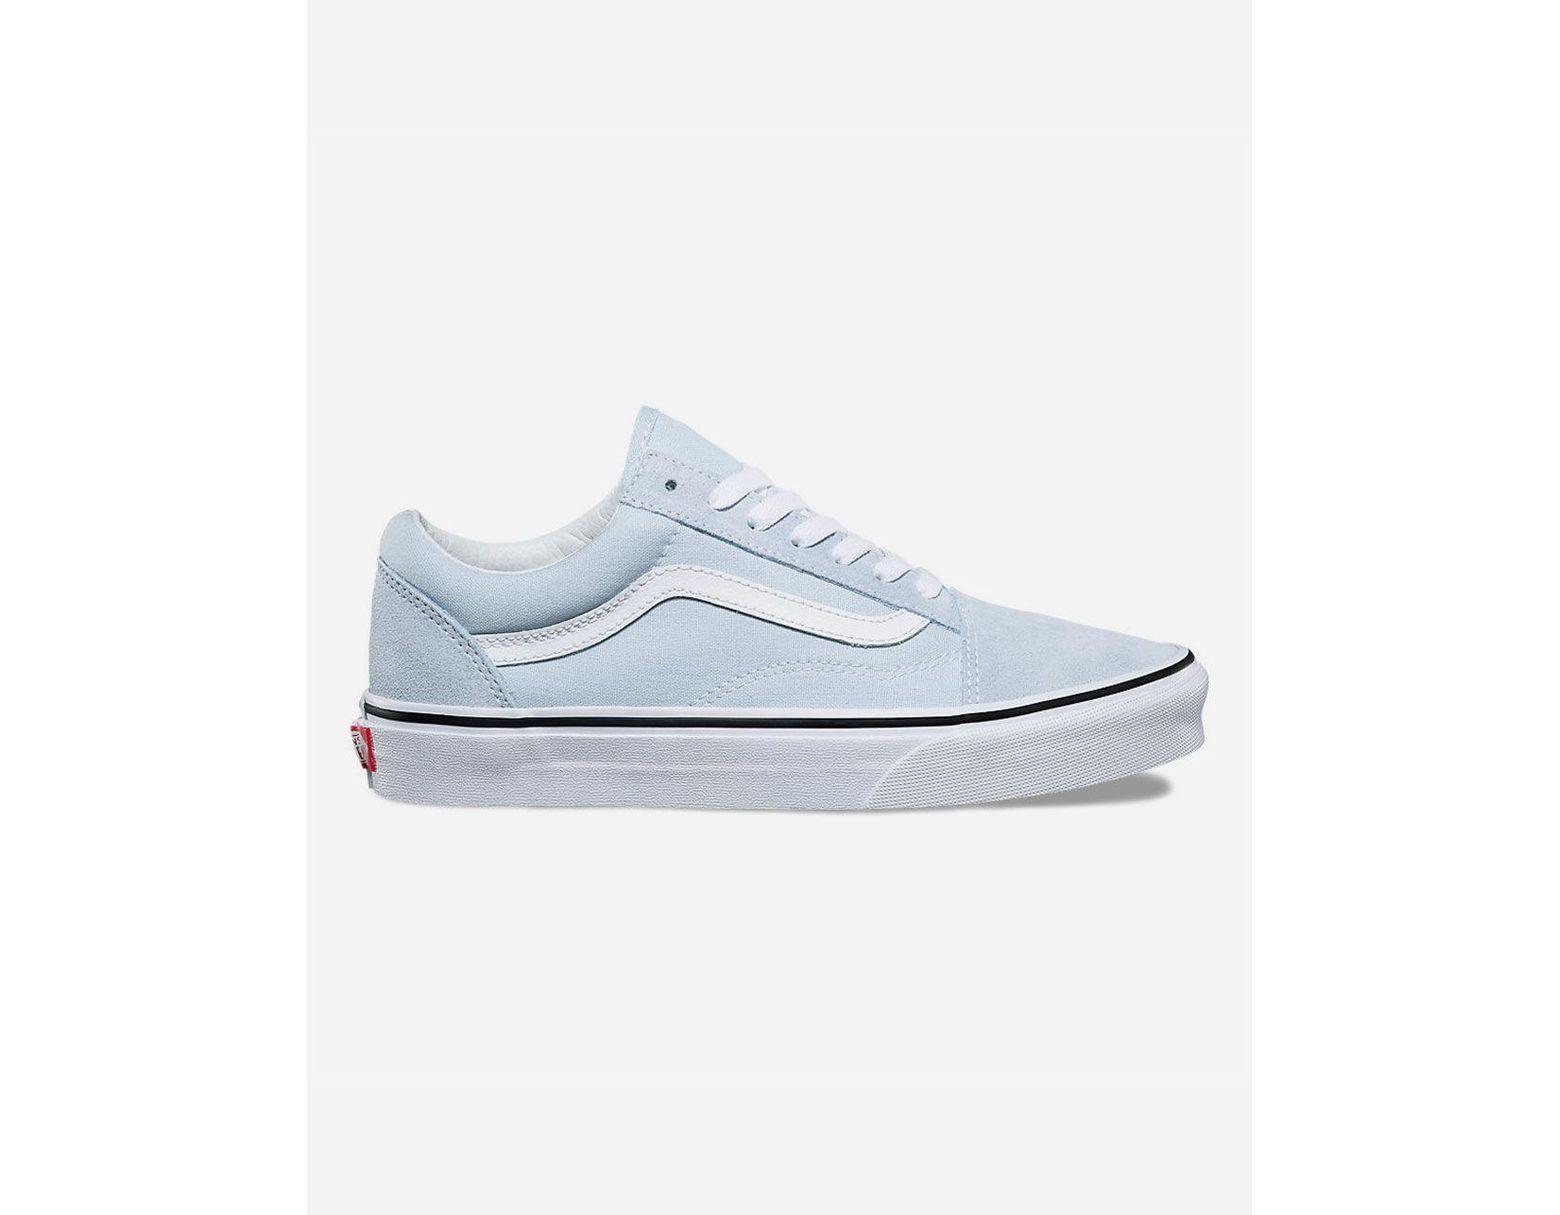 1db3374b Old Skool Baby Blue & True White Womens Shoes